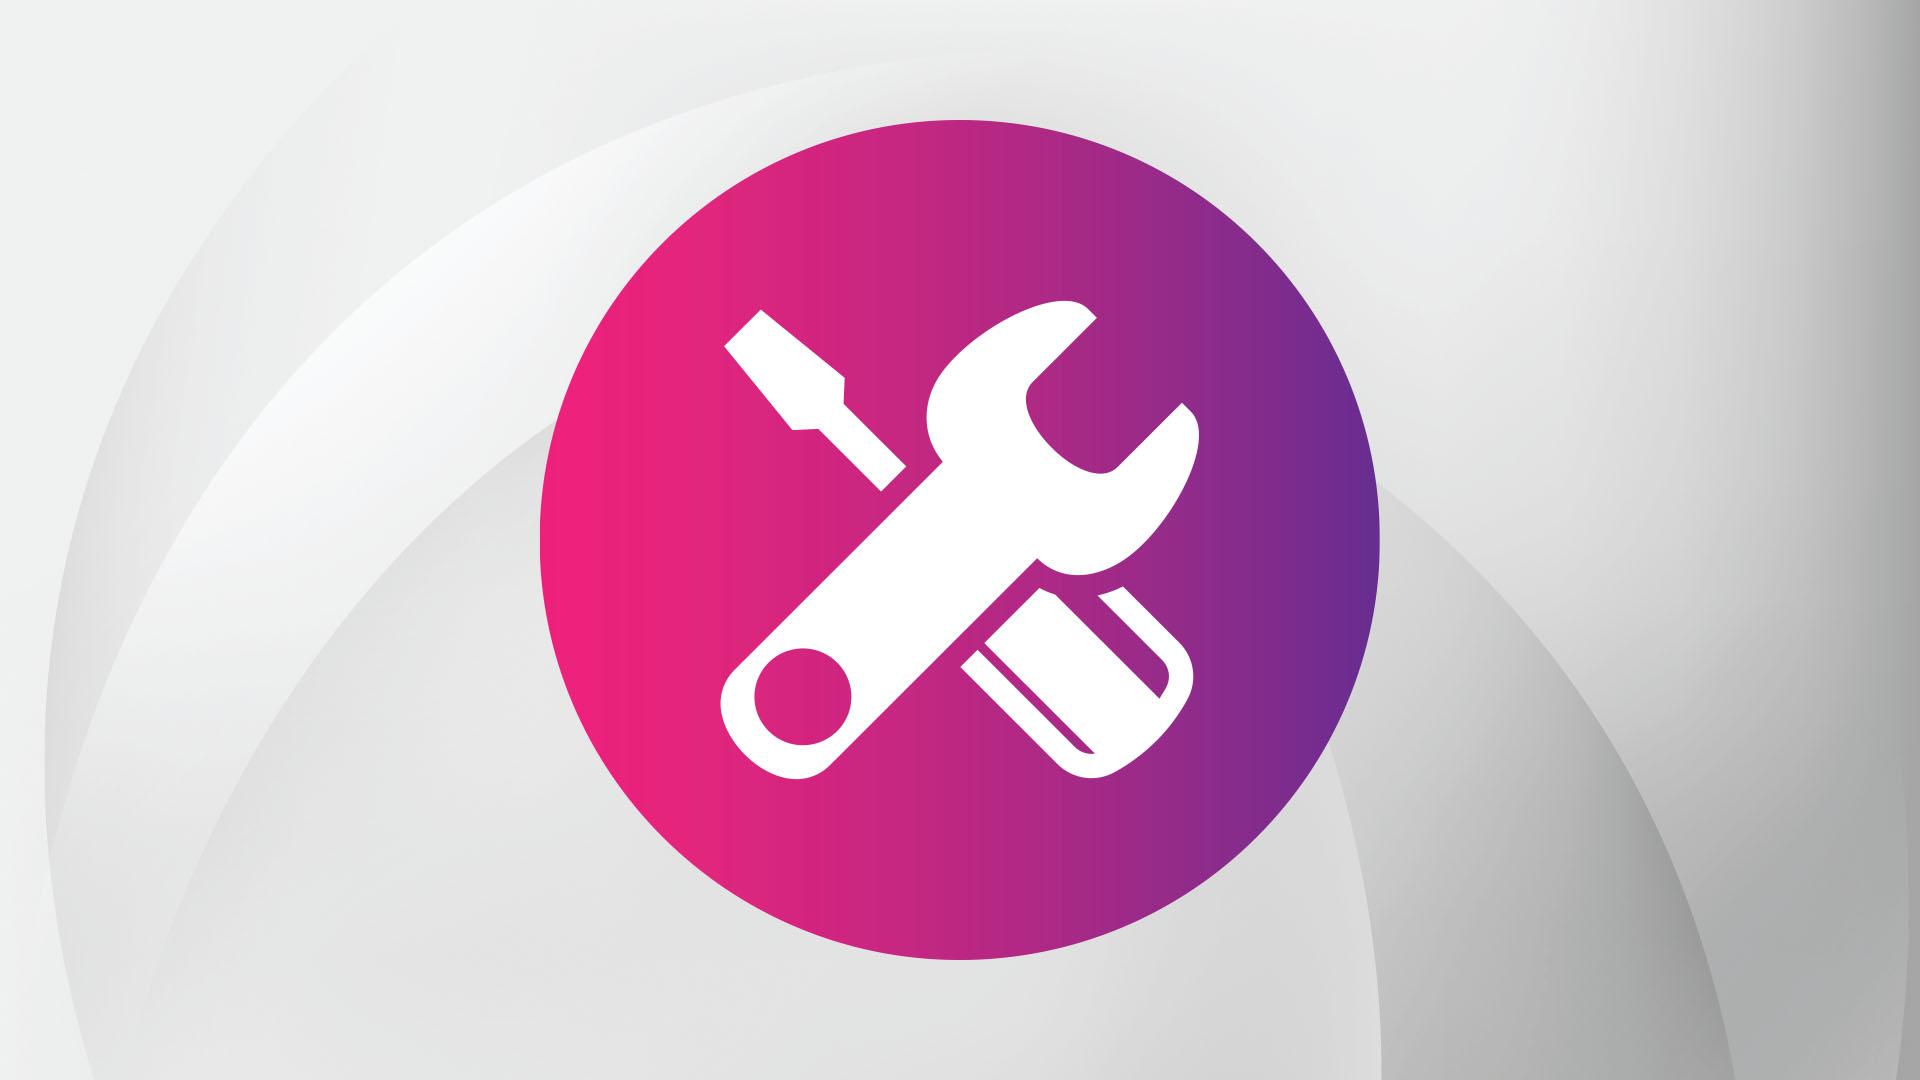 sinatti arezzo costruzione macchinari revisione marcatura vendita usato